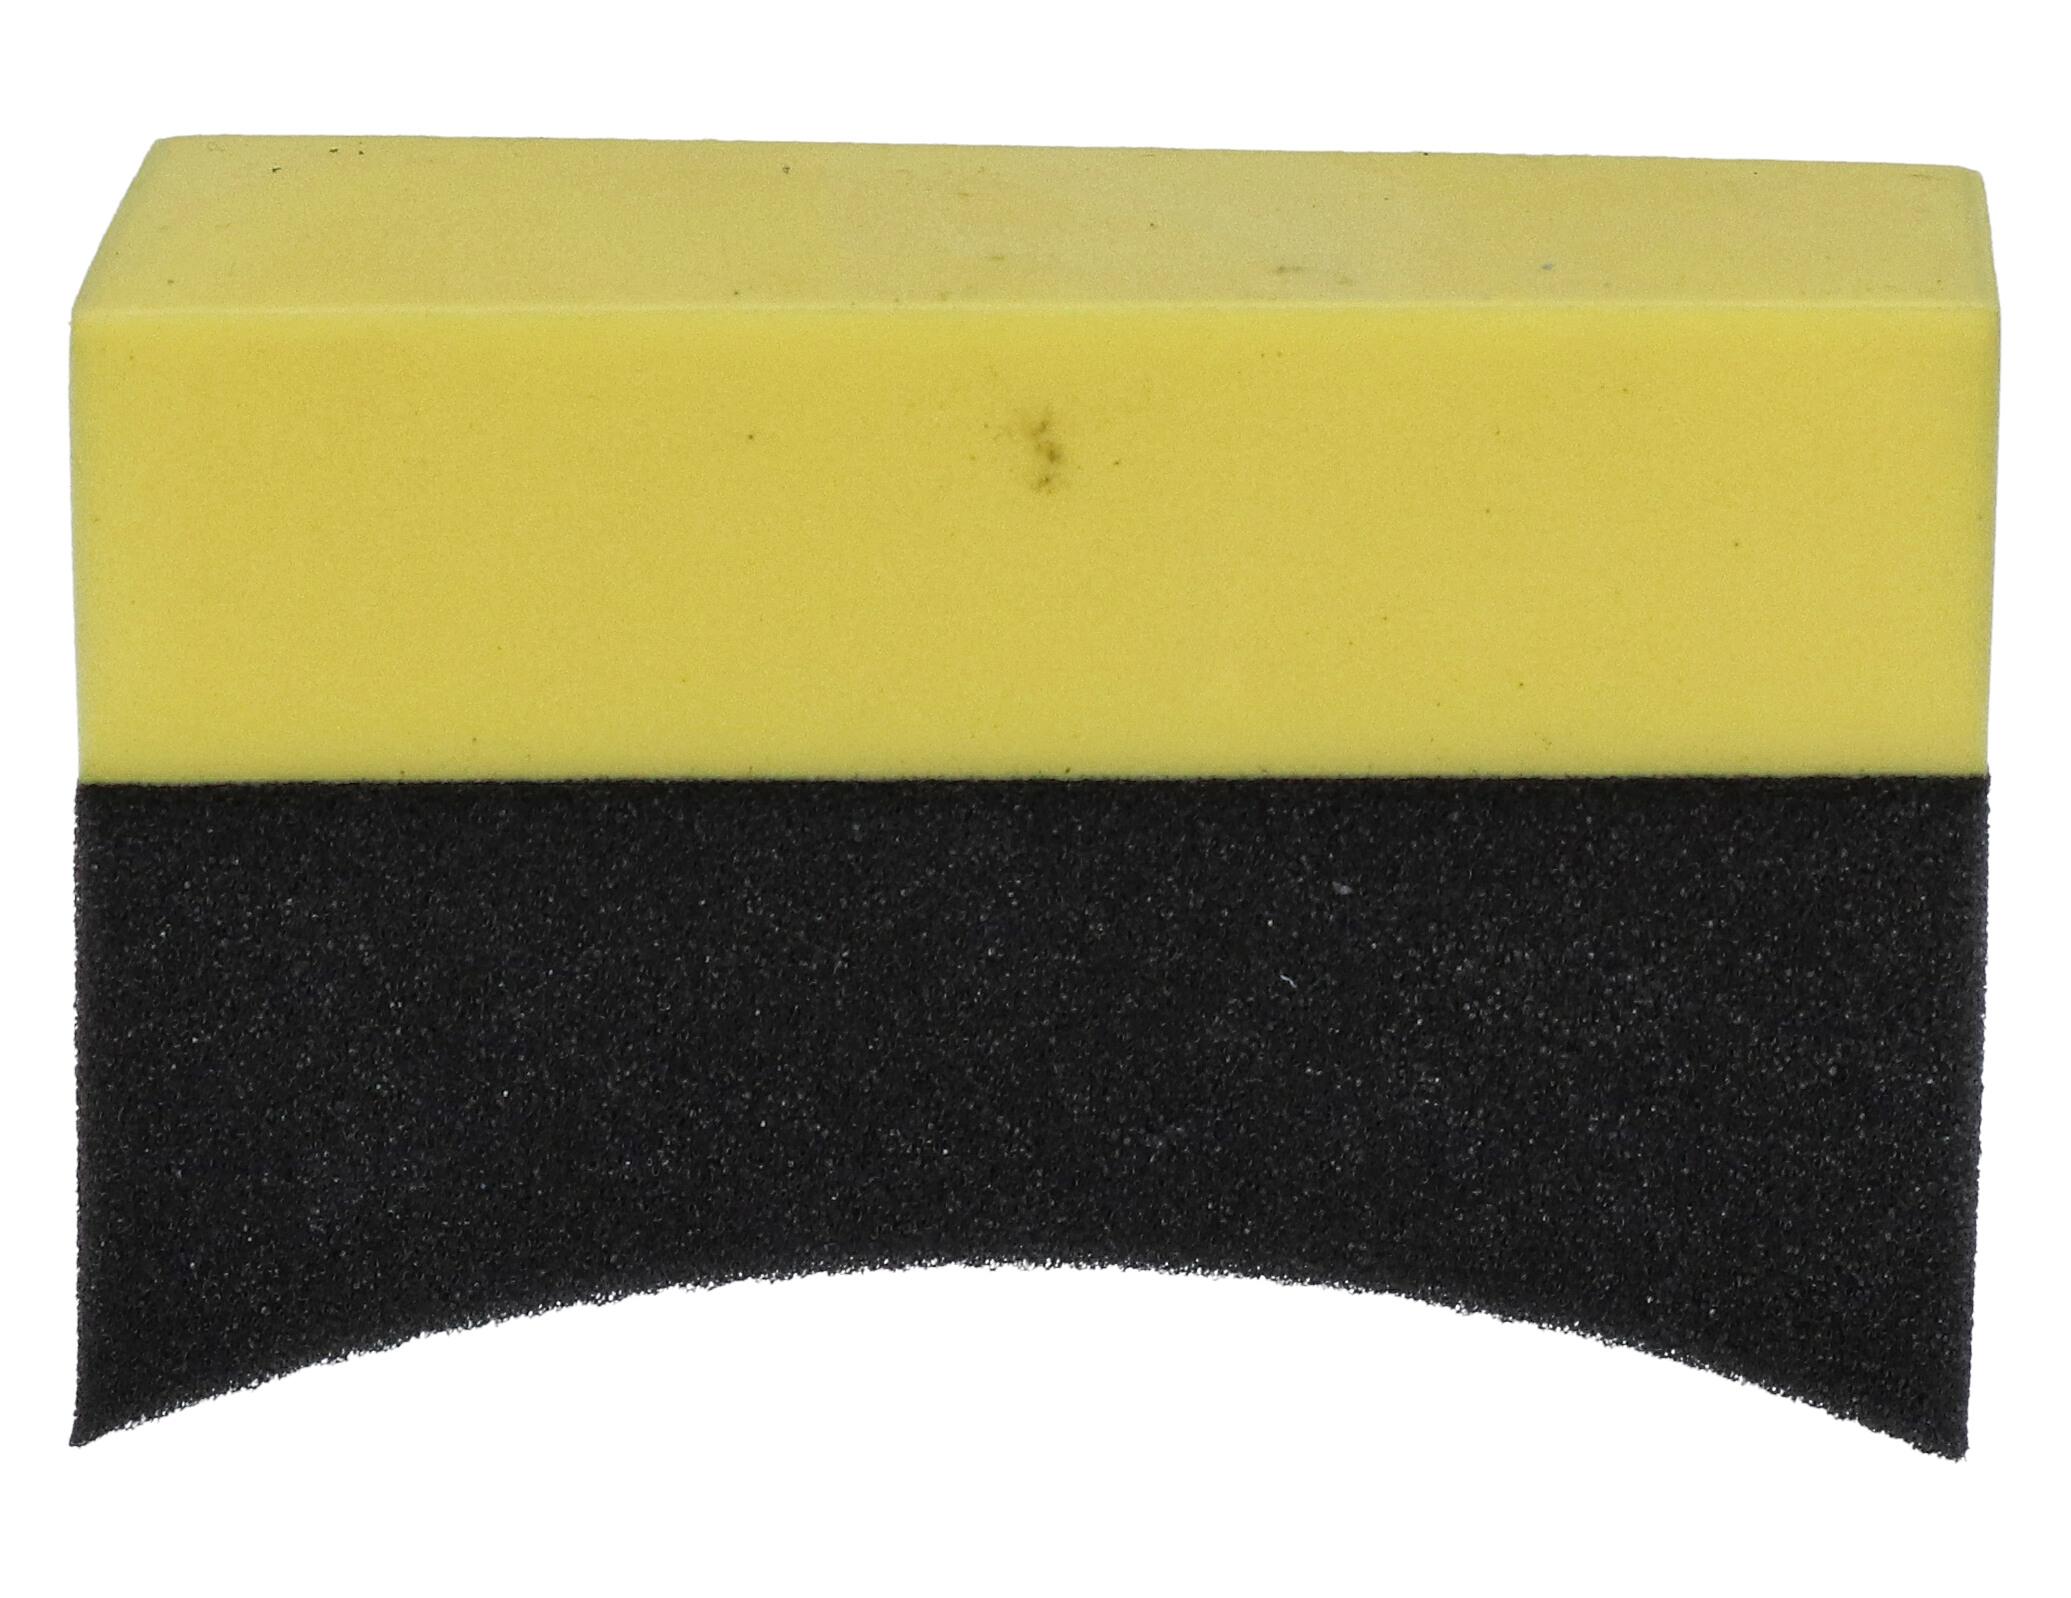 Tyre Gel Sponges